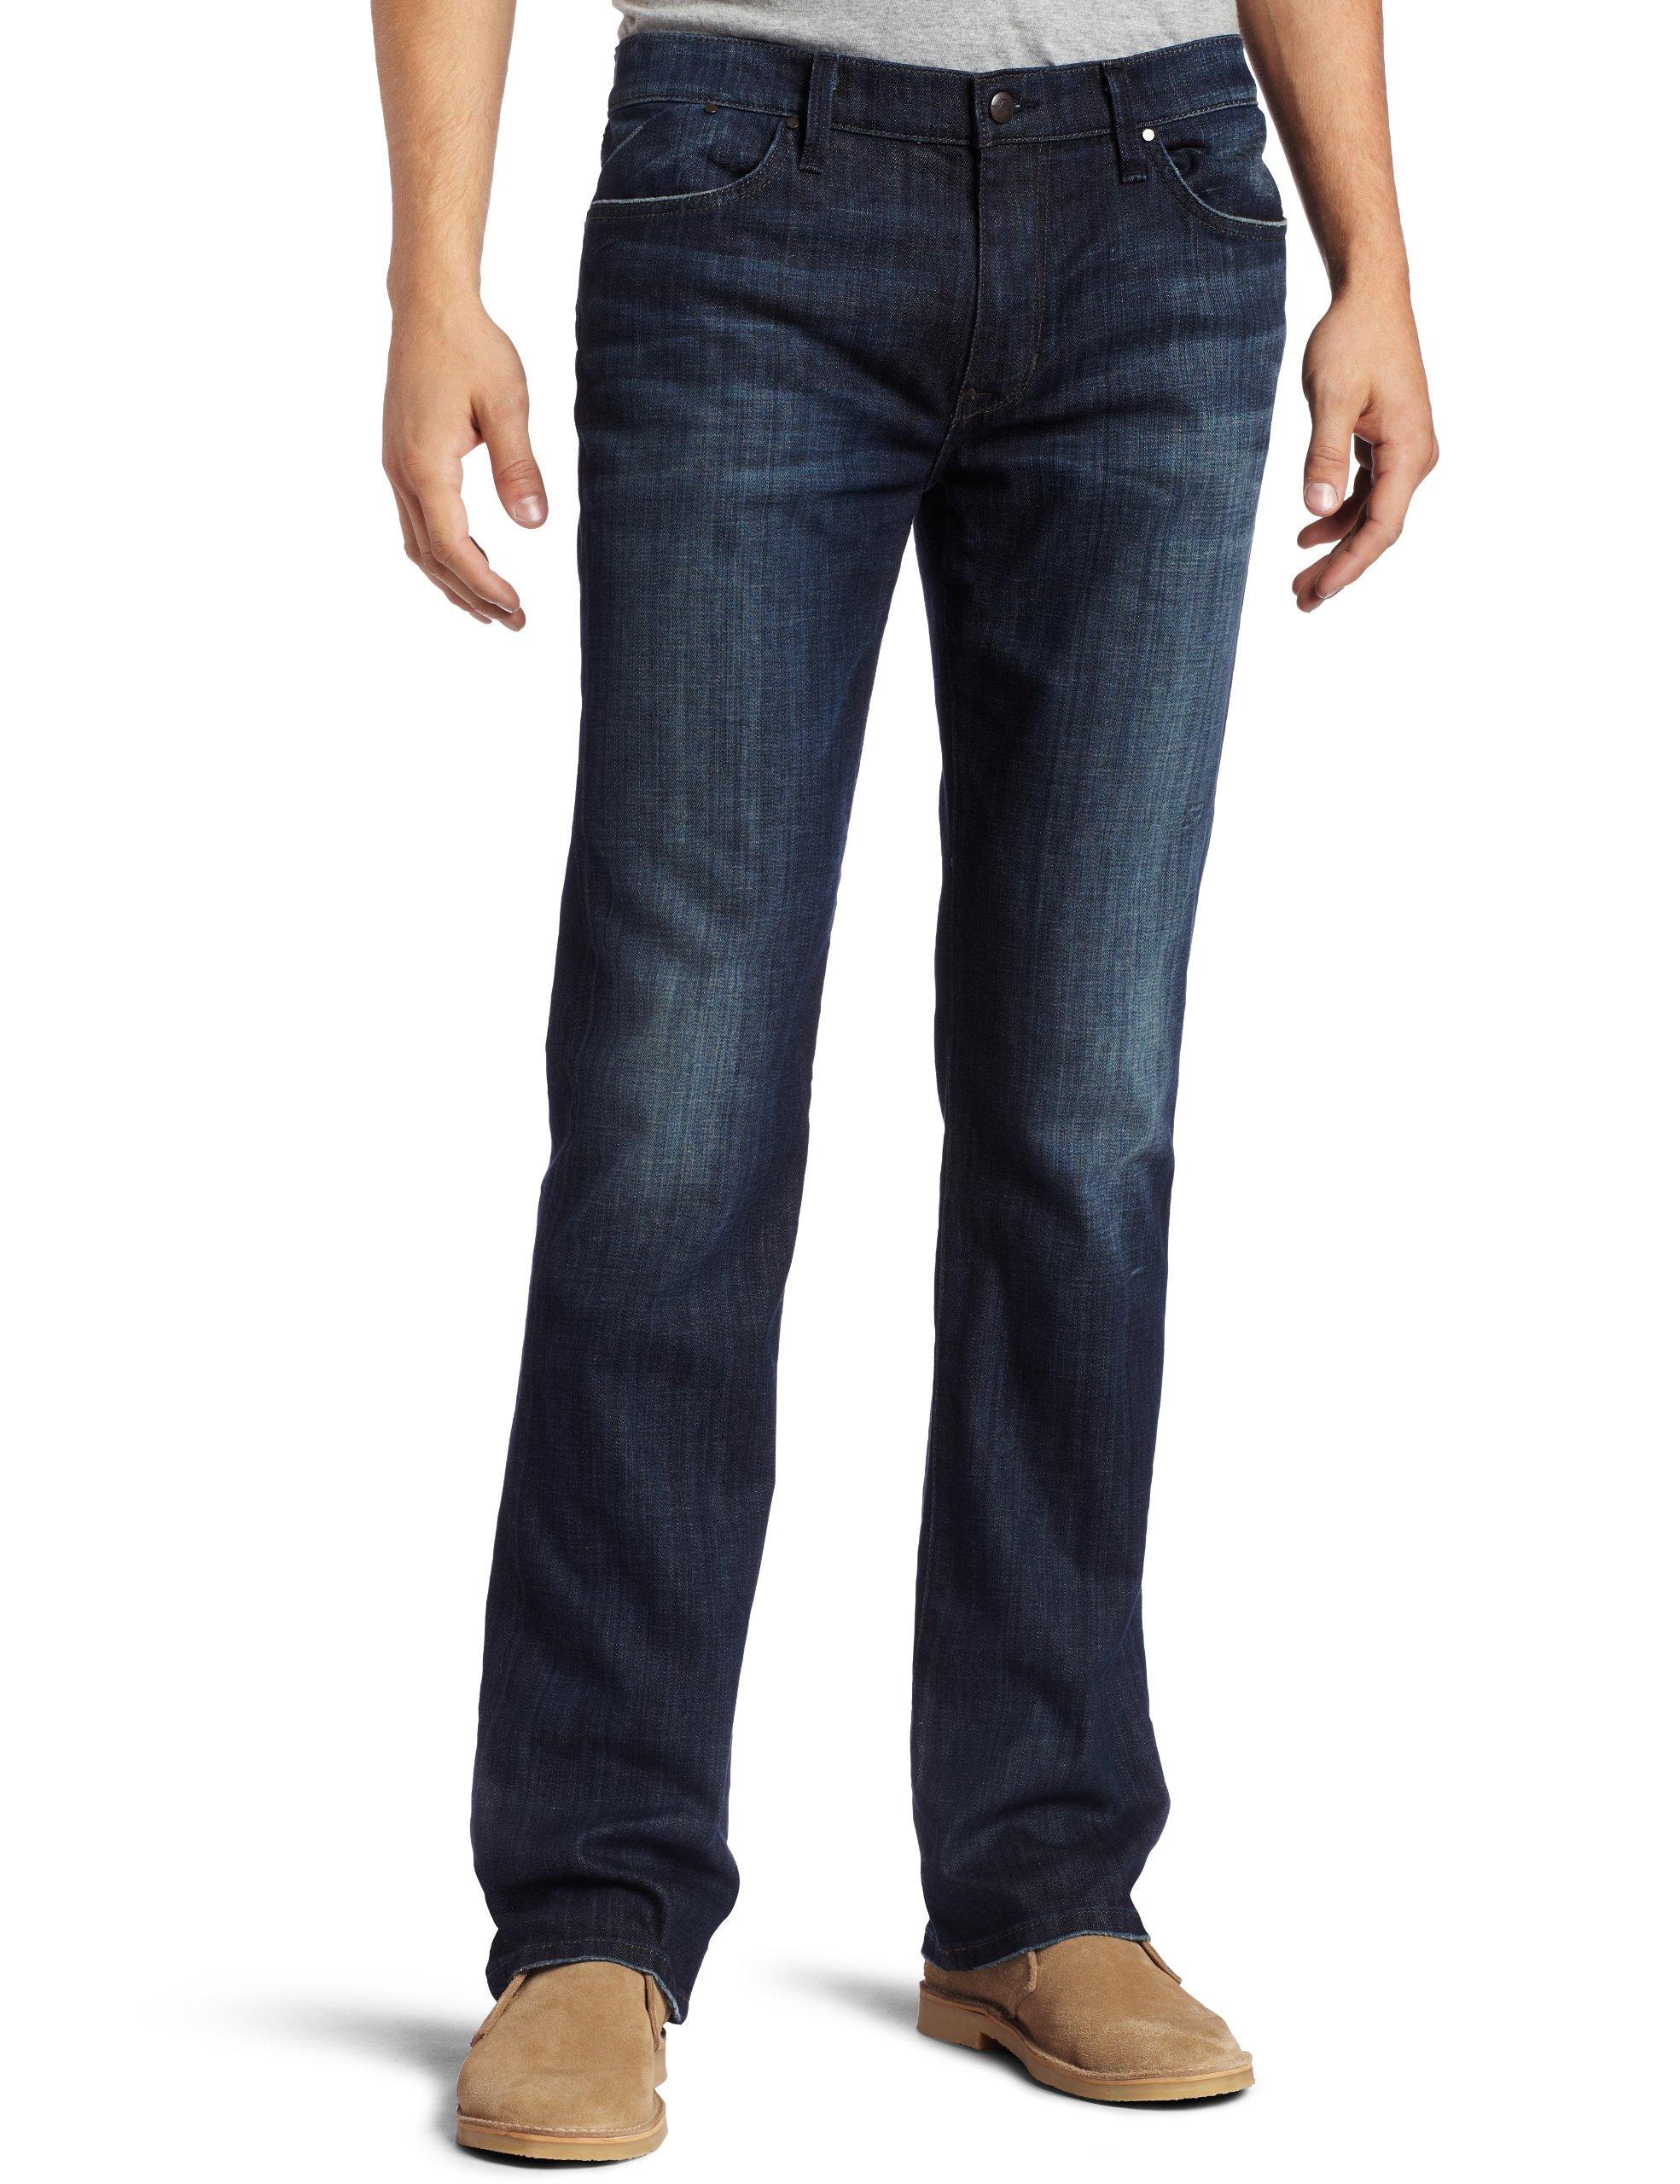 Joe's Jeans Men's Rocker Slim Fit Bootcut Jean in Santiago, Santiago, 36x34